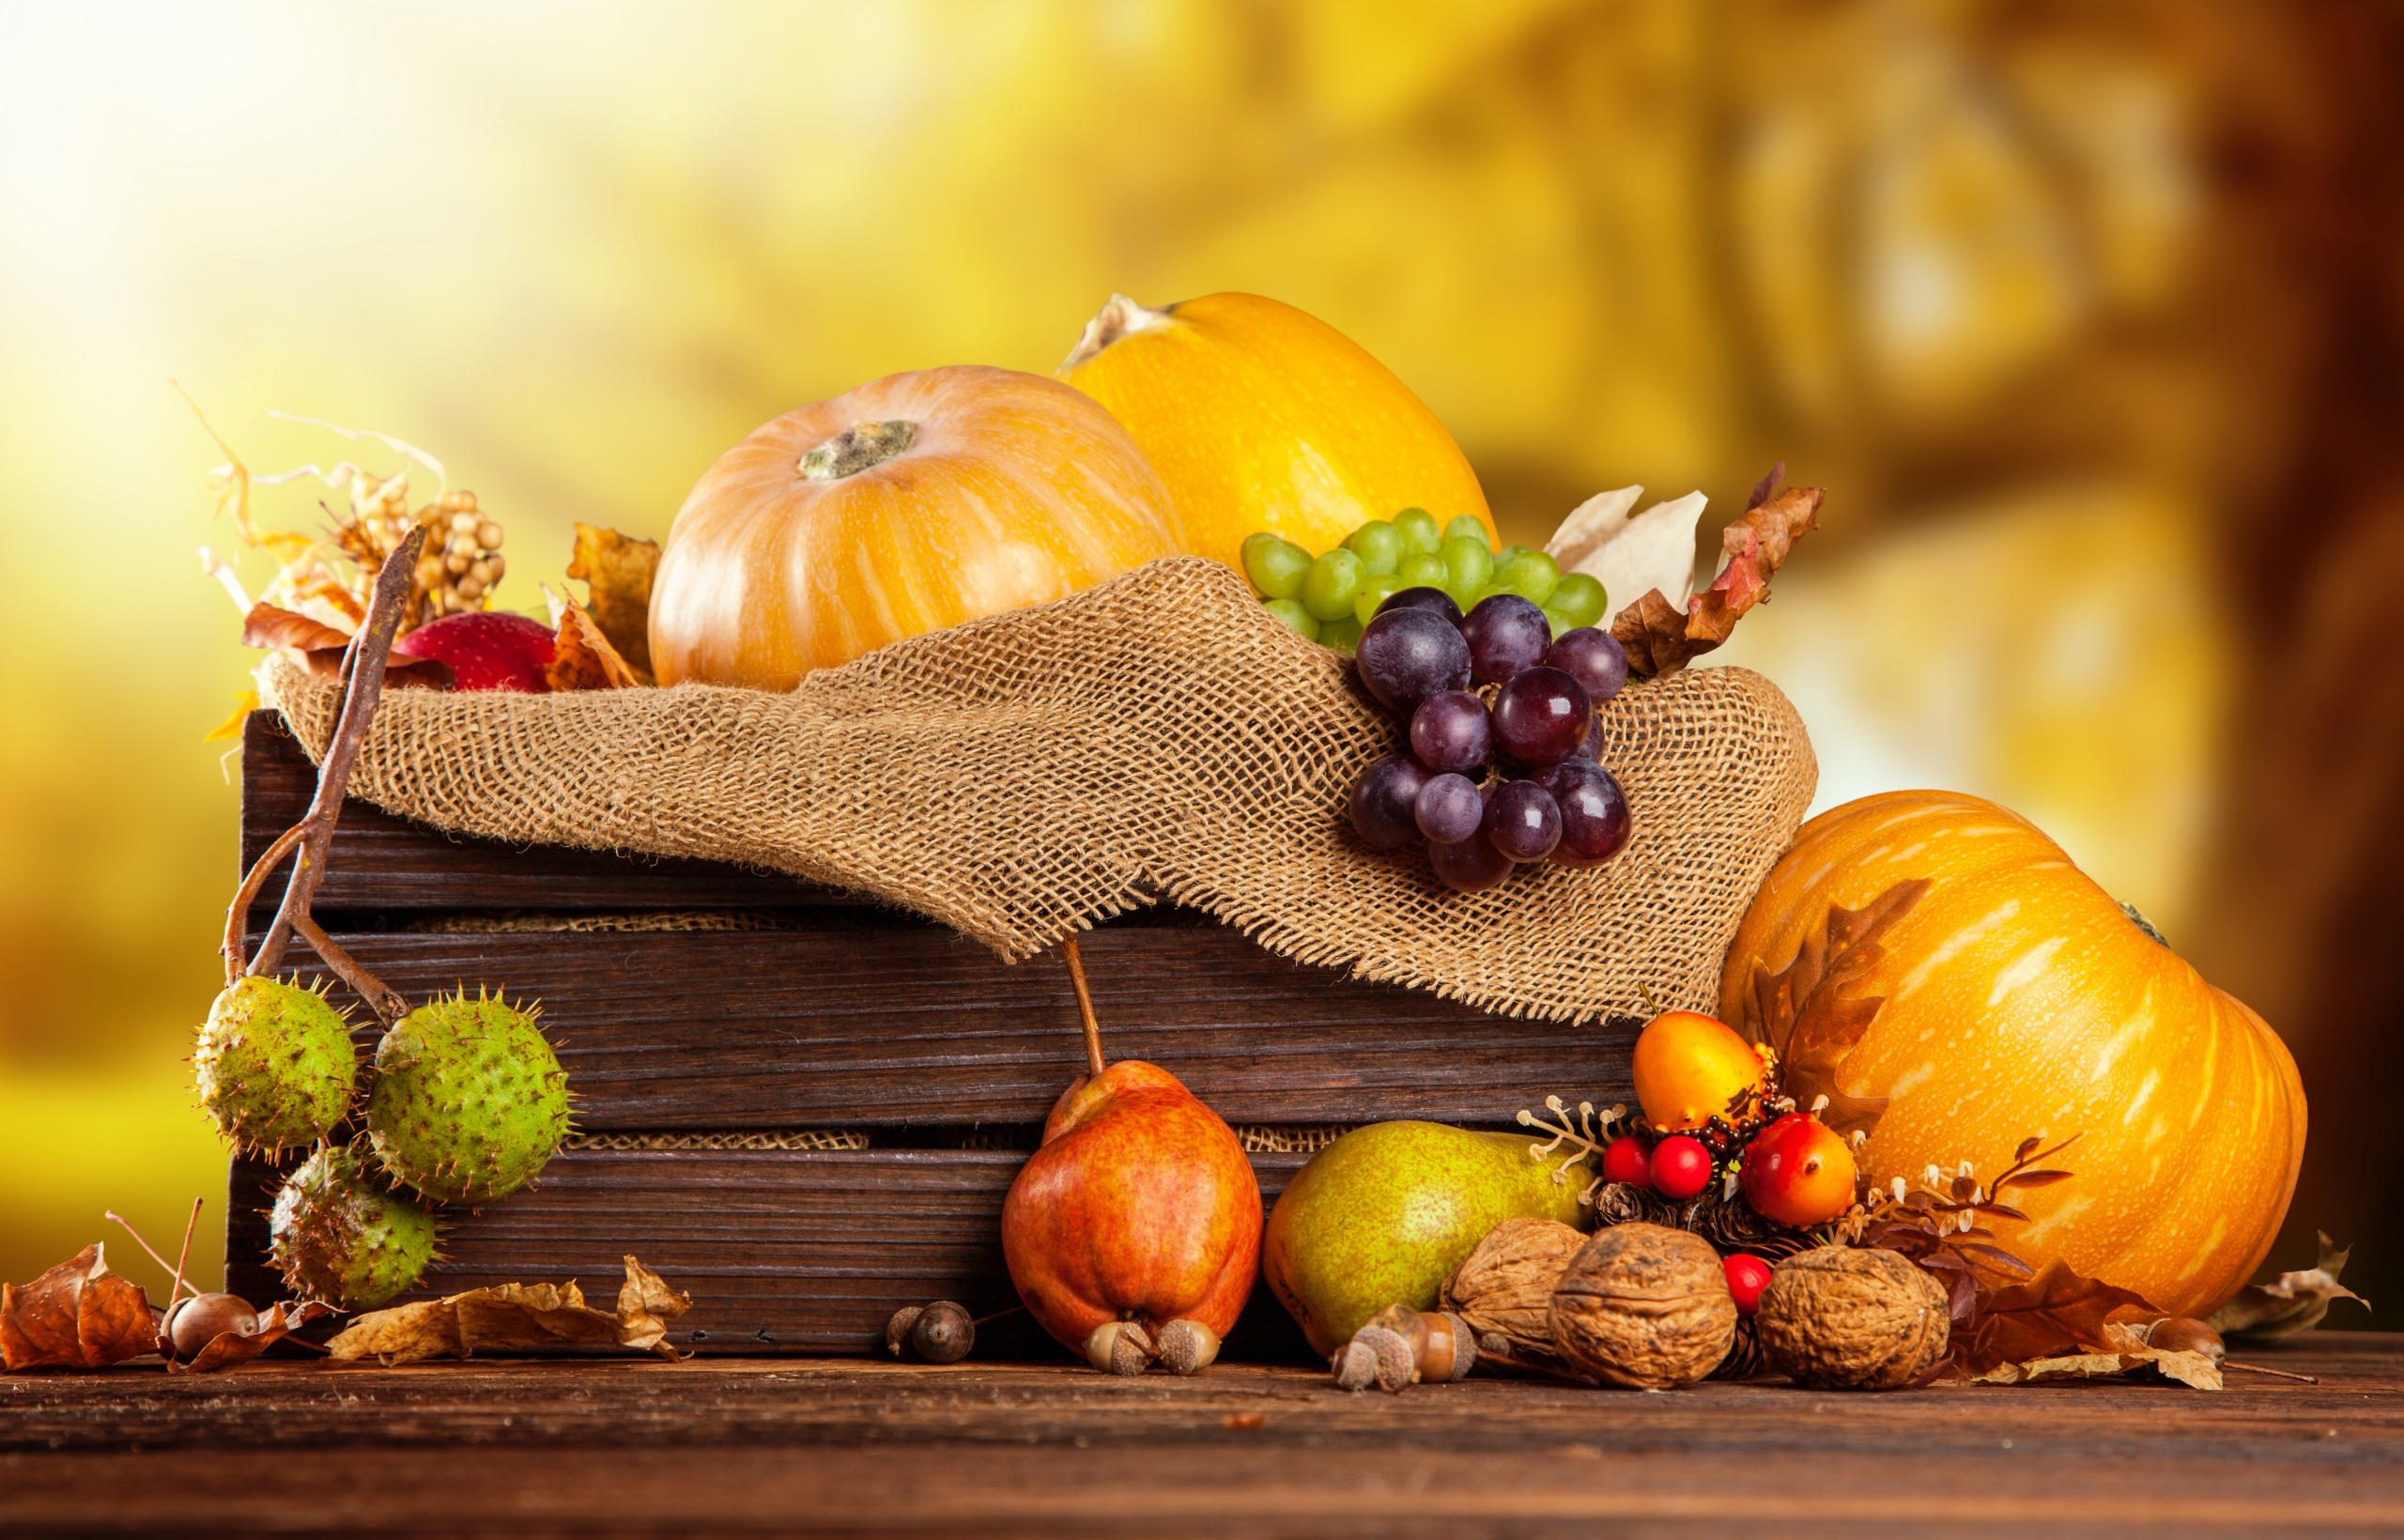 Фото Осень Тыква Груши Виноград Пища Орехи 2560x1640 осенние Еда Продукты питания